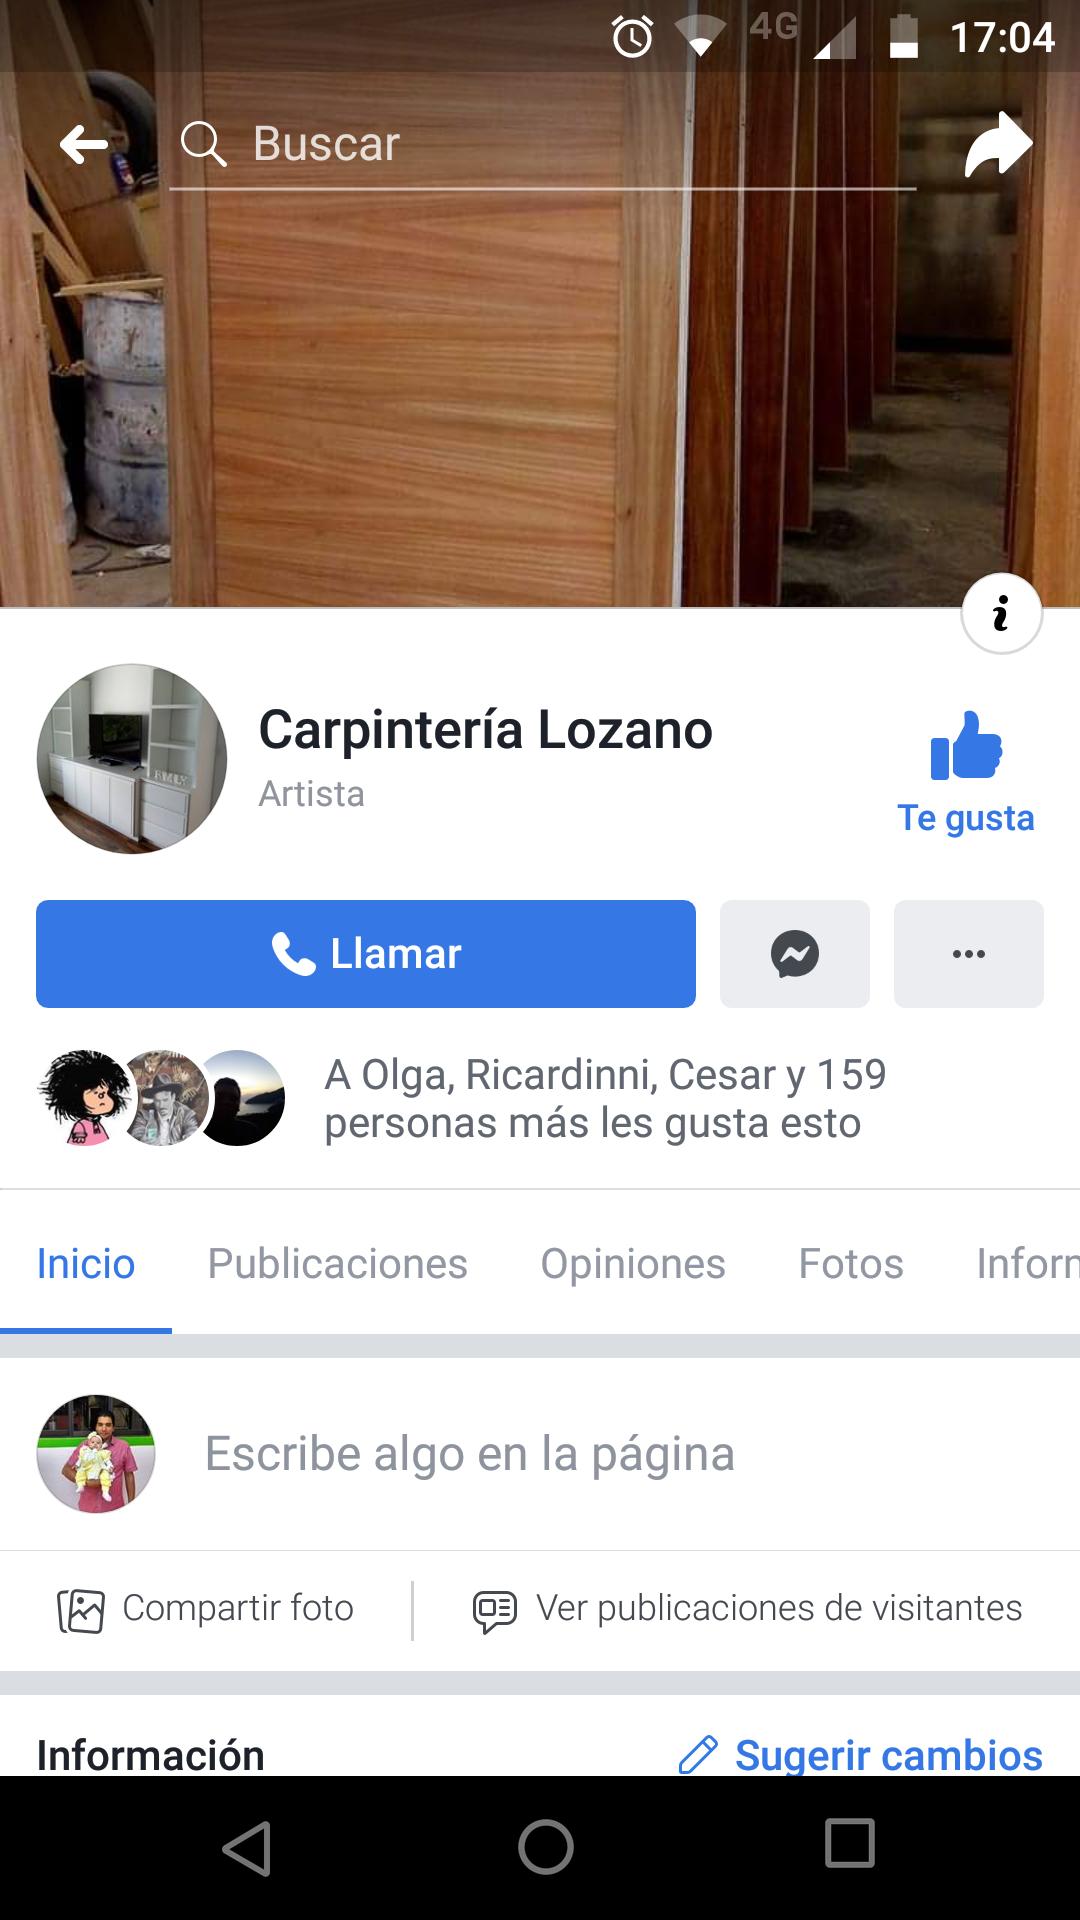 Carpintería Lozano